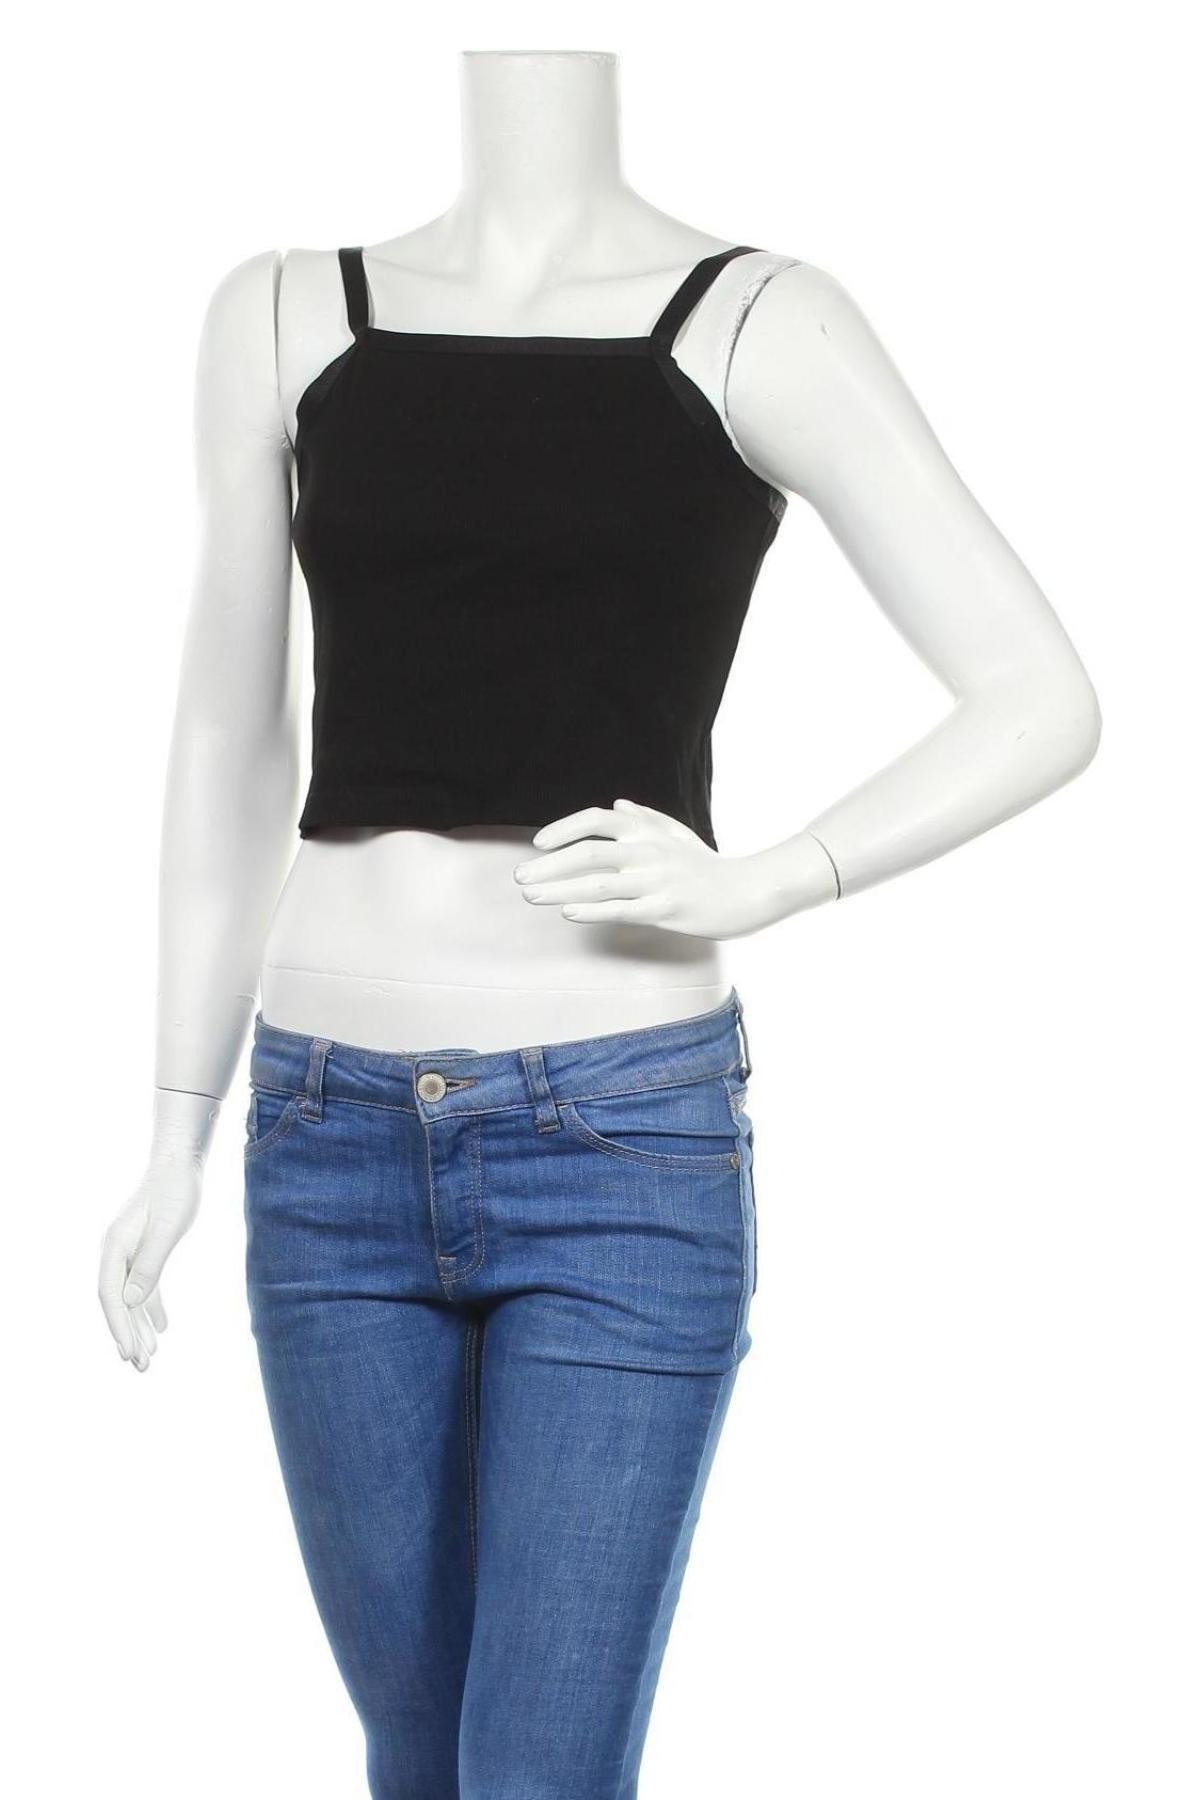 Γυναικείο αμάνικο μπλουζάκι Dr. Denim, Μέγεθος L, Χρώμα Μαύρο, 97% βαμβάκι, 3% ελαστάνη, Τιμή 4,69€